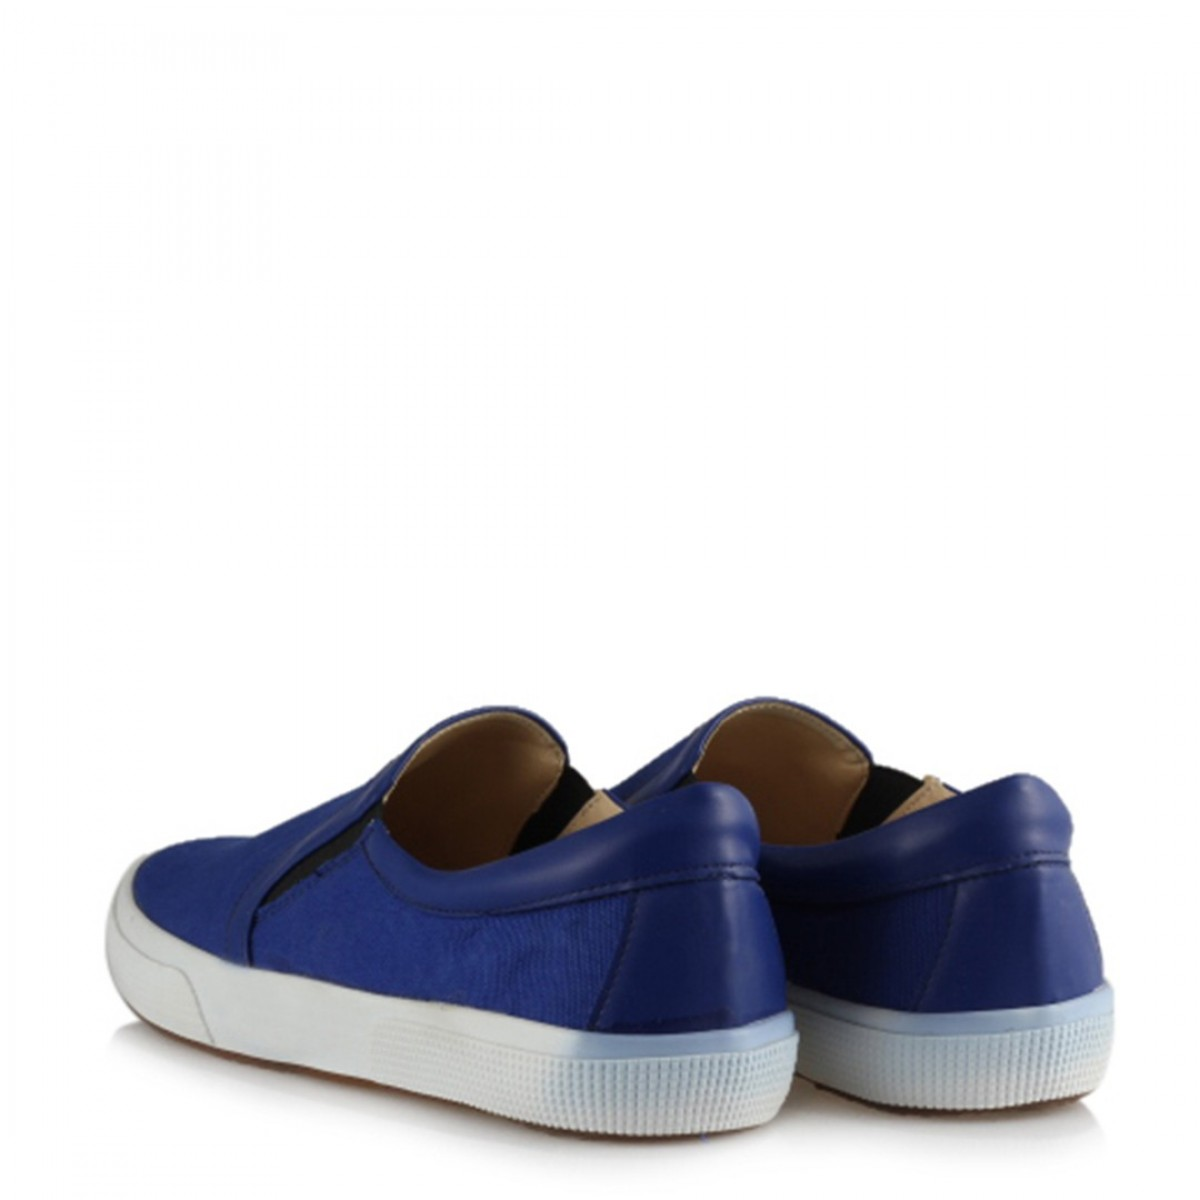 Topuklu Sandalet Ayakkabı Fujya Süet  Çapraz